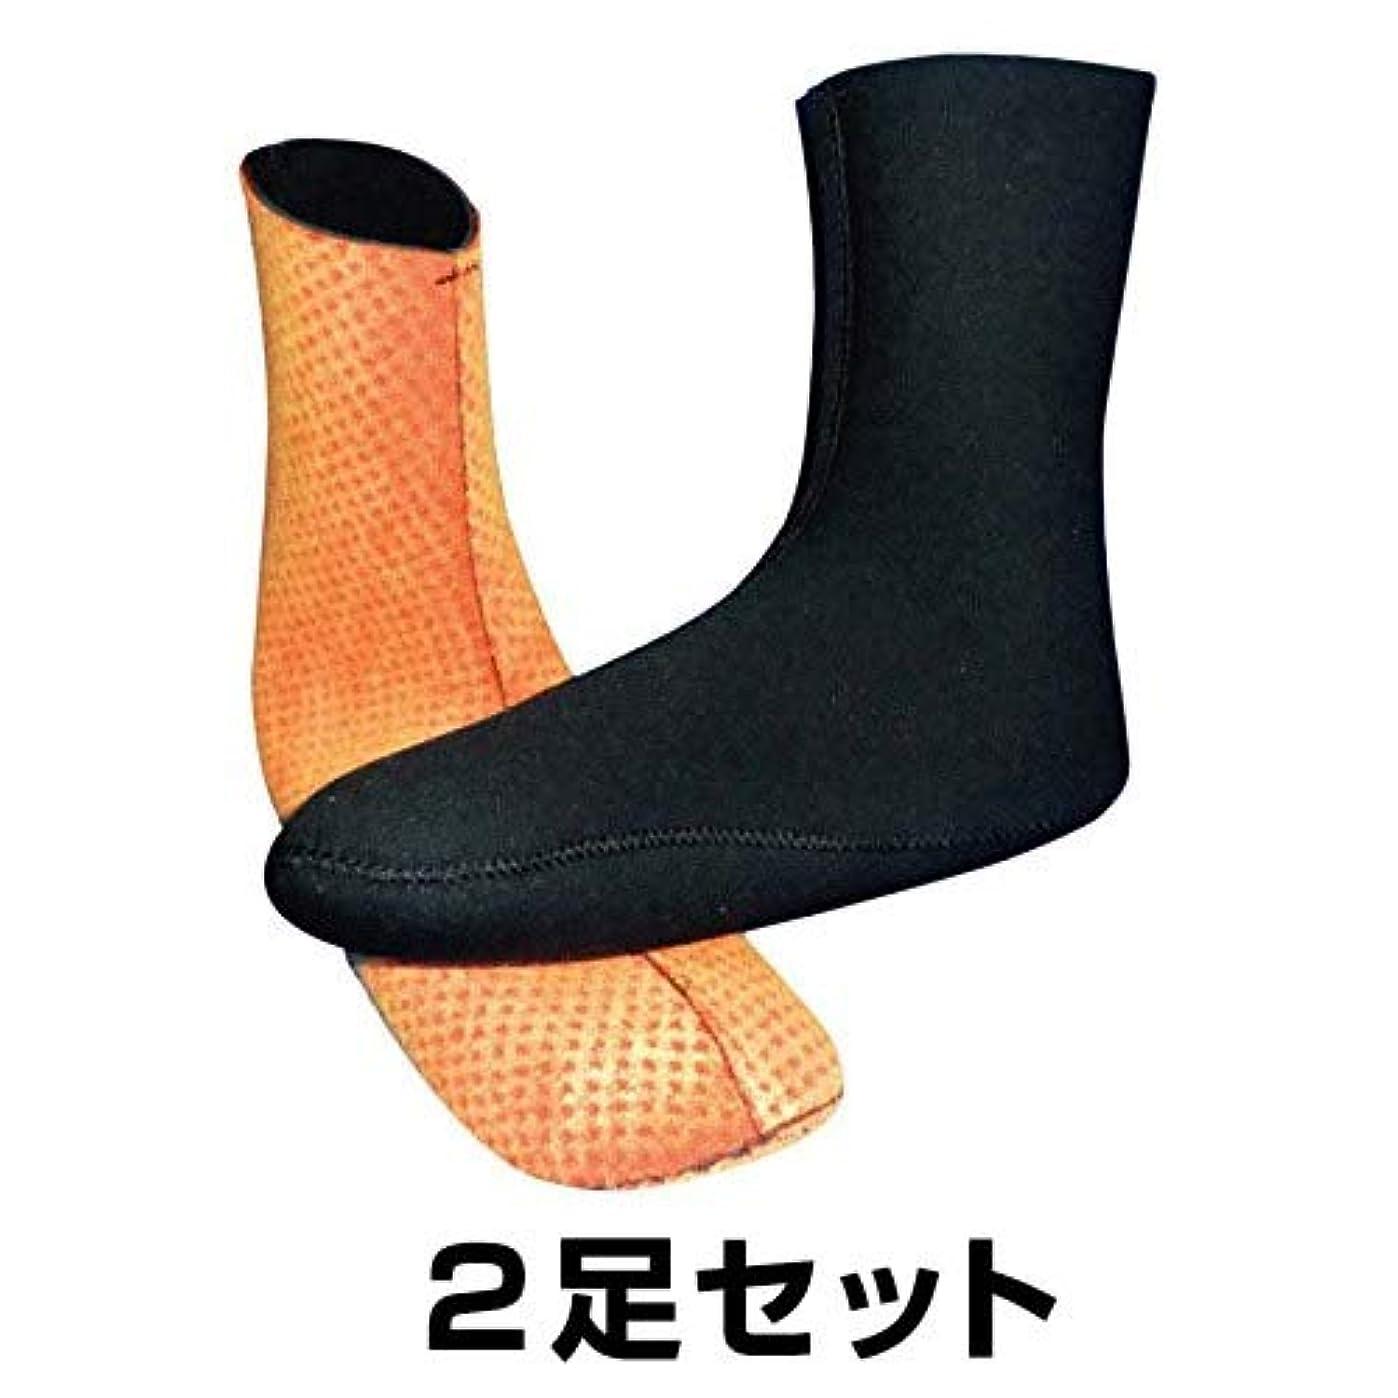 ブラシガム展示会クロッツ あったかソックスM(25cm)【2足セット】